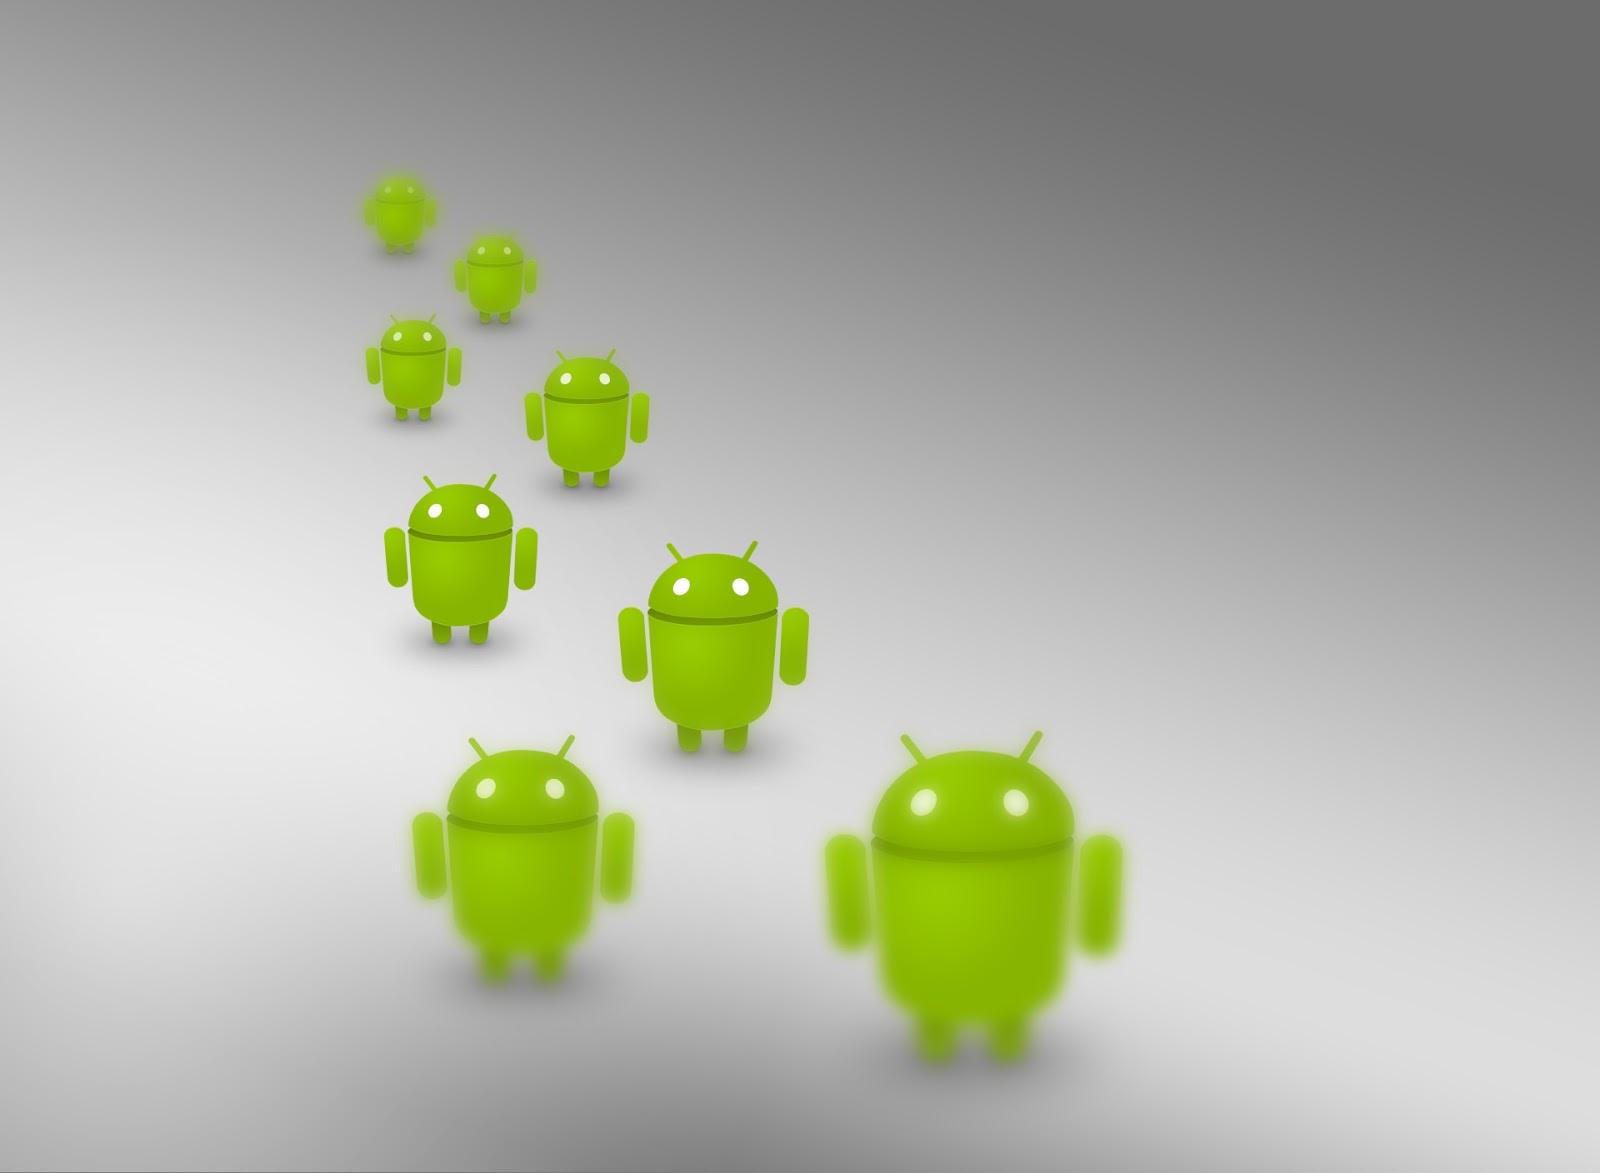 http://1.bp.blogspot.com/-iwkWPeTlX_U/T9vm9sEu4kI/AAAAAAAAGVw/DSmE90P9m7I/s1600/Android+Wallpapers3.jpg